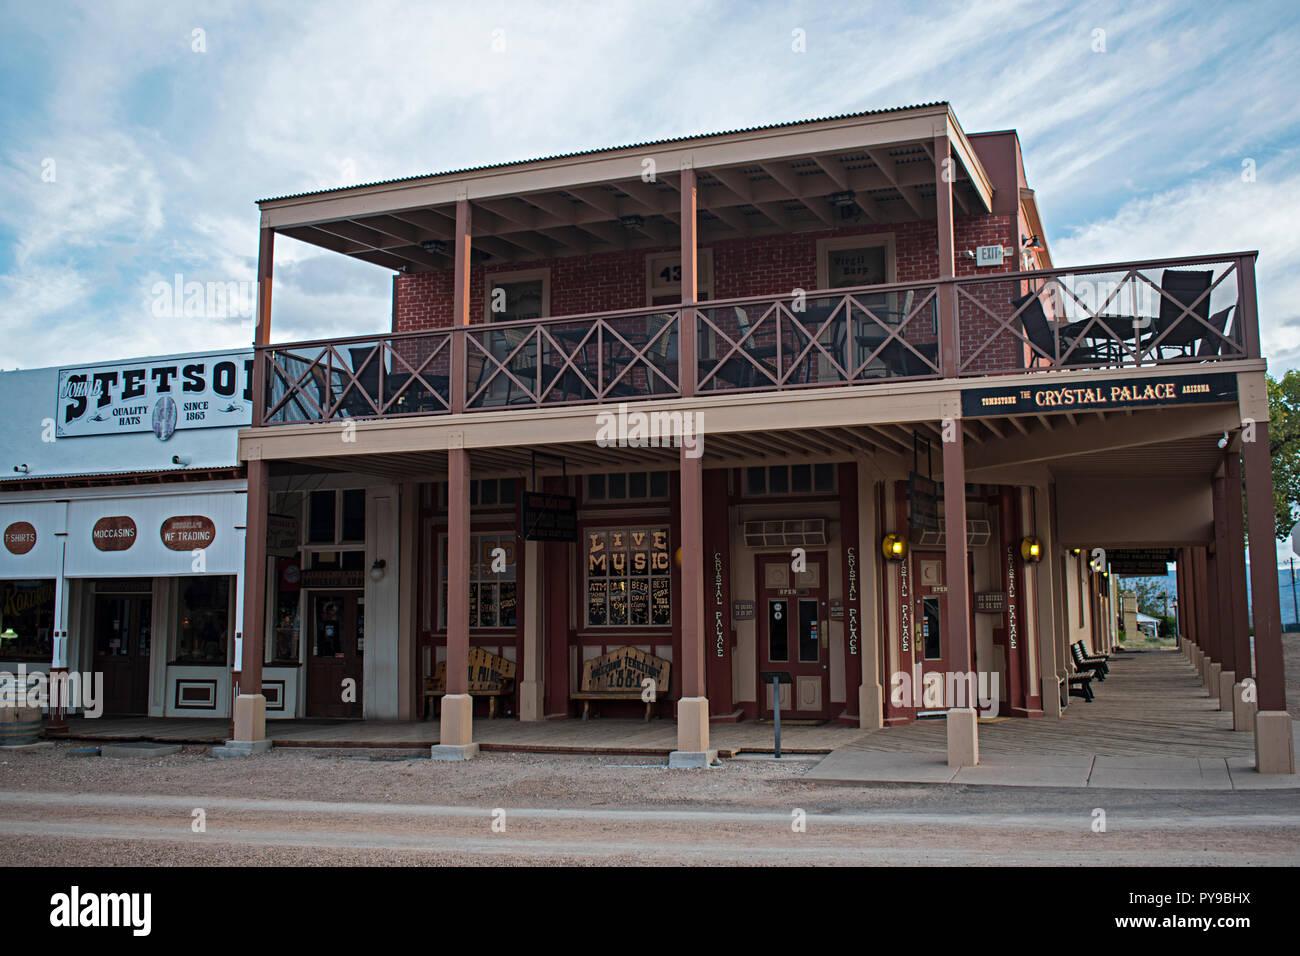 Crystal Palace. Tombstone, Arizona USA Stockfoto